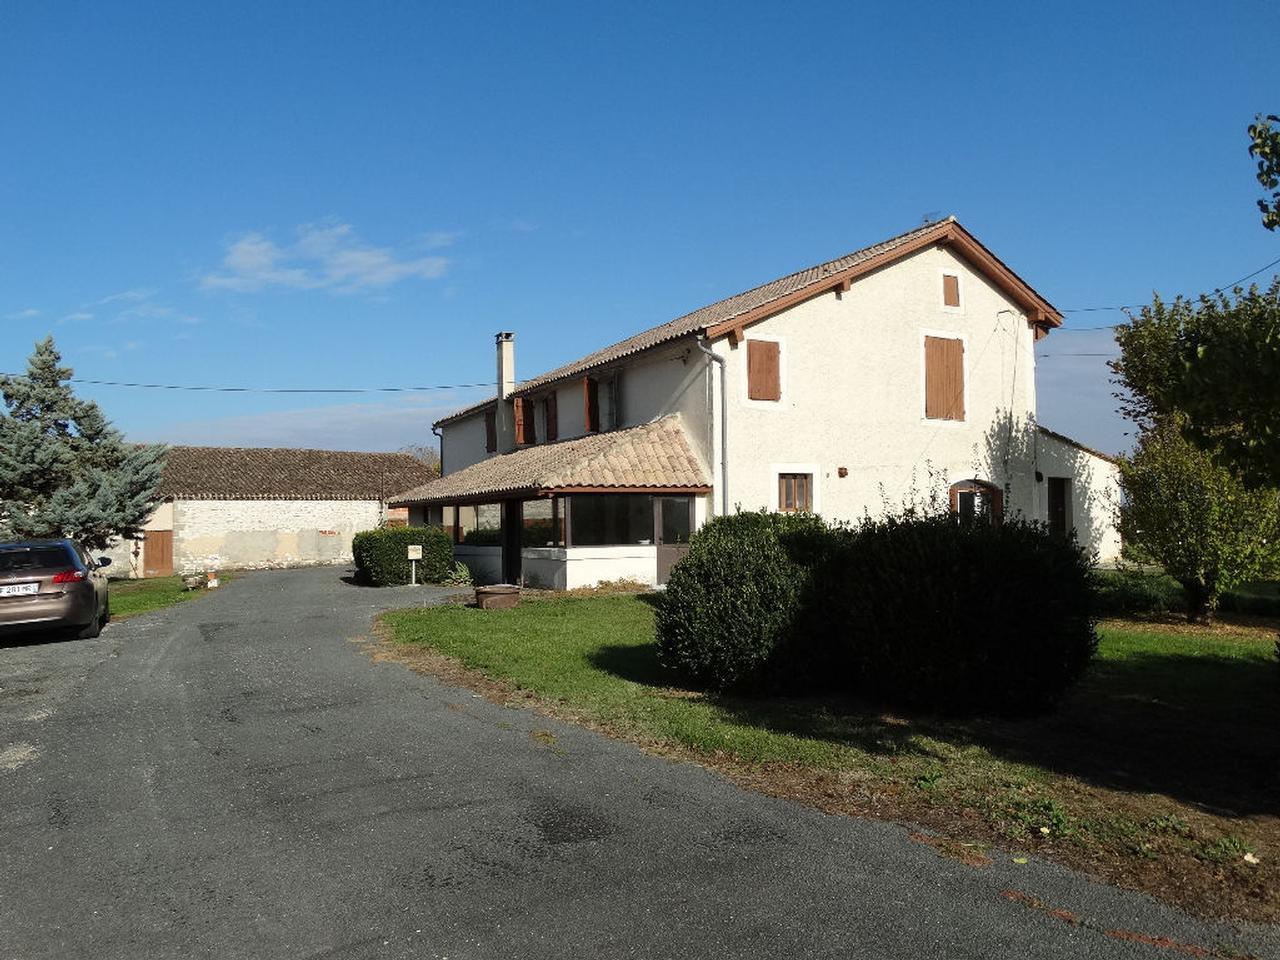 Vente maison/villa 8 pièces villereal 47210